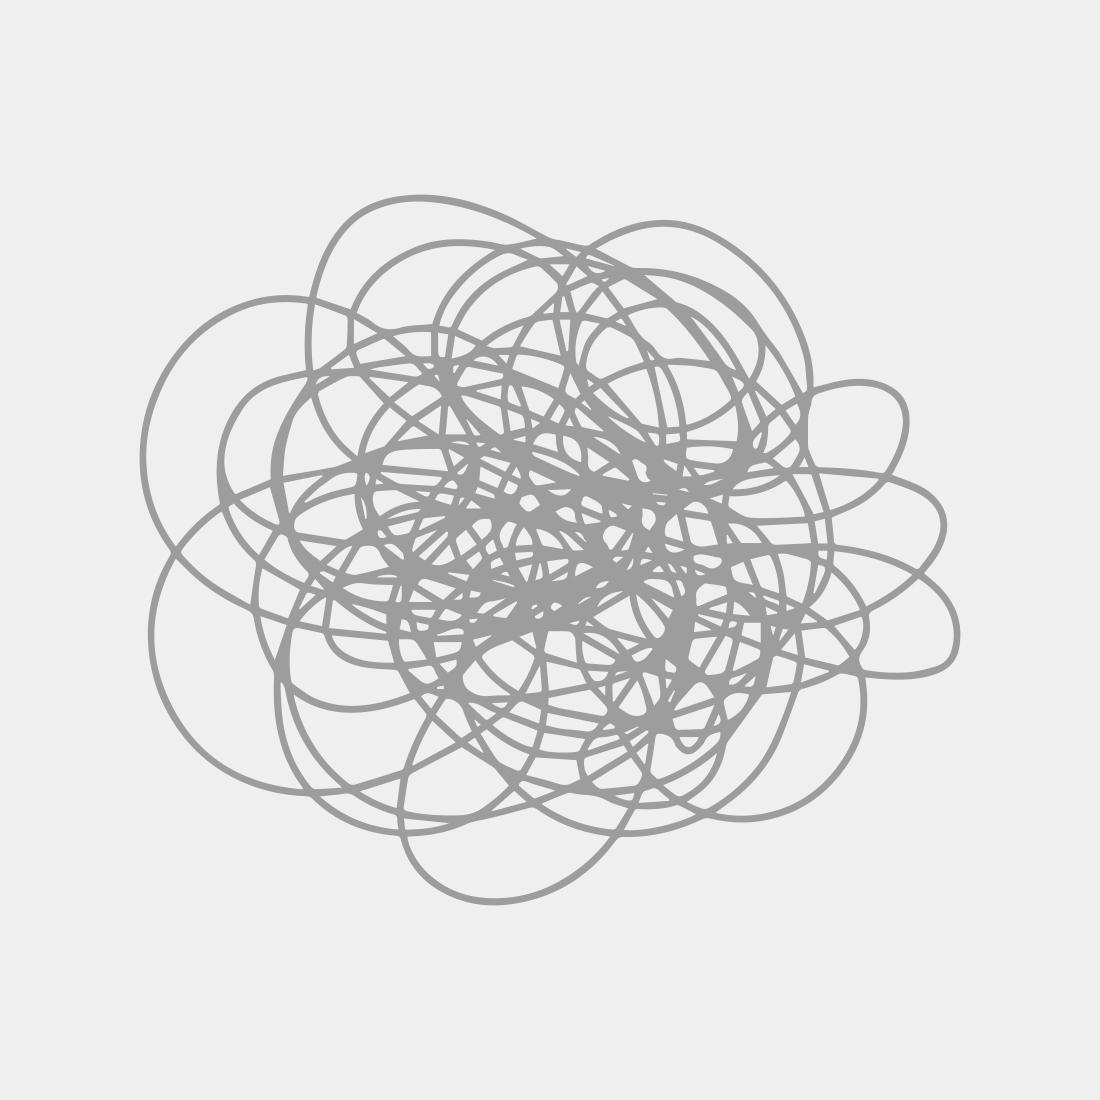 Congrés National du Mouvement de la Paix 1962